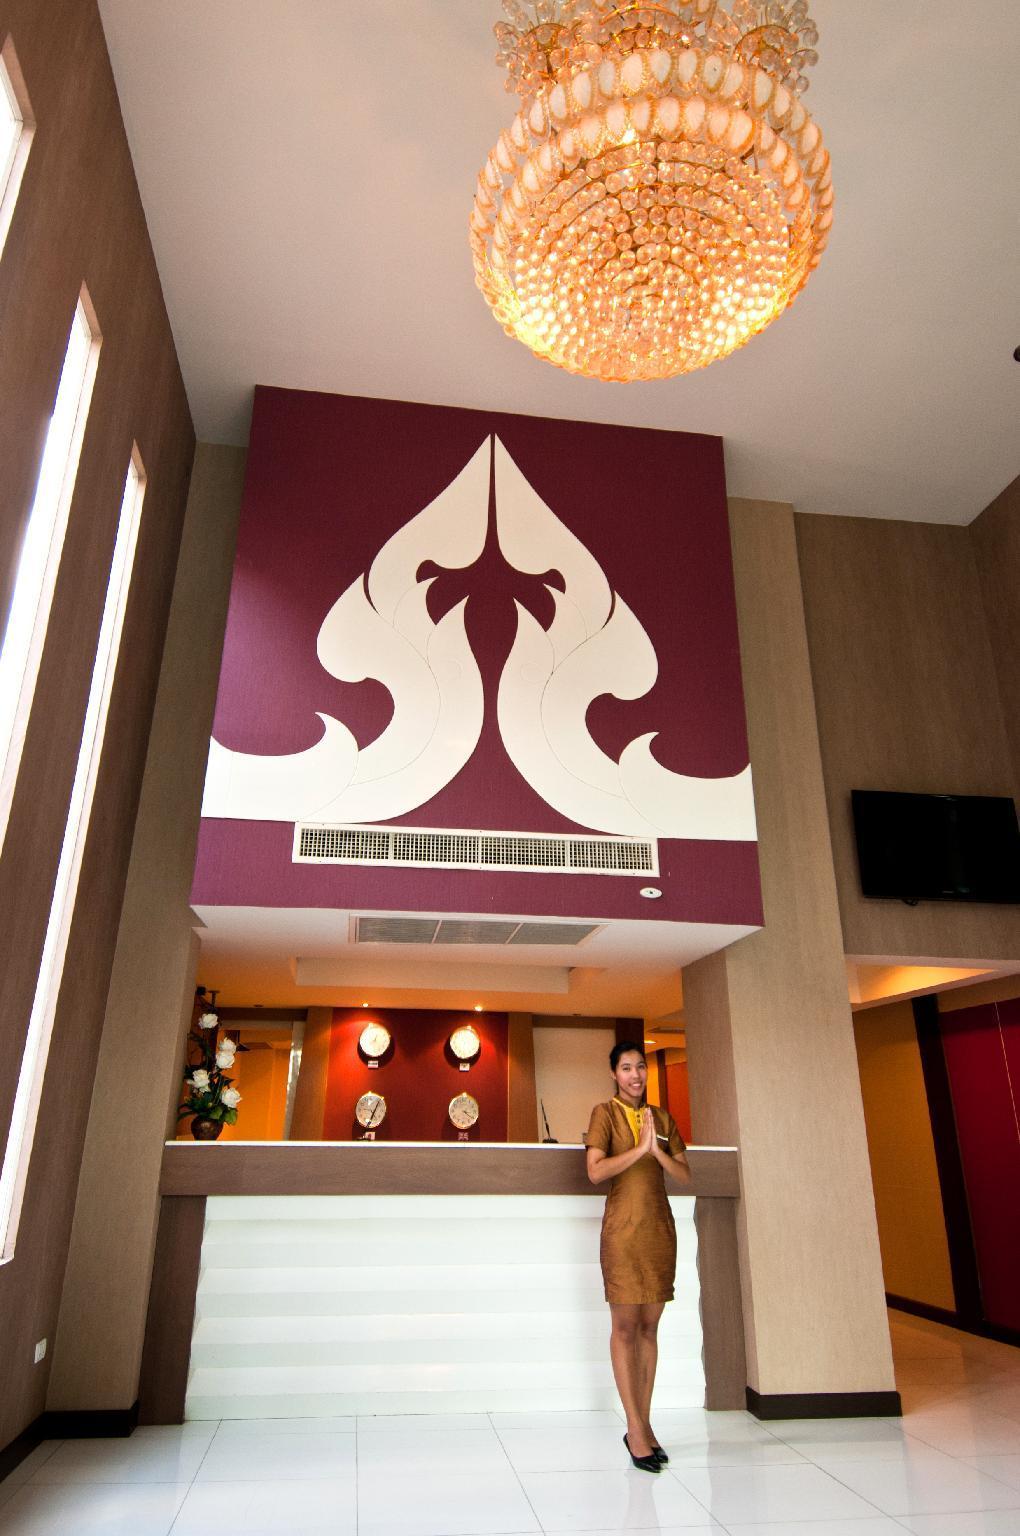 โรงแรม เอ2 กรุงเทพฯ